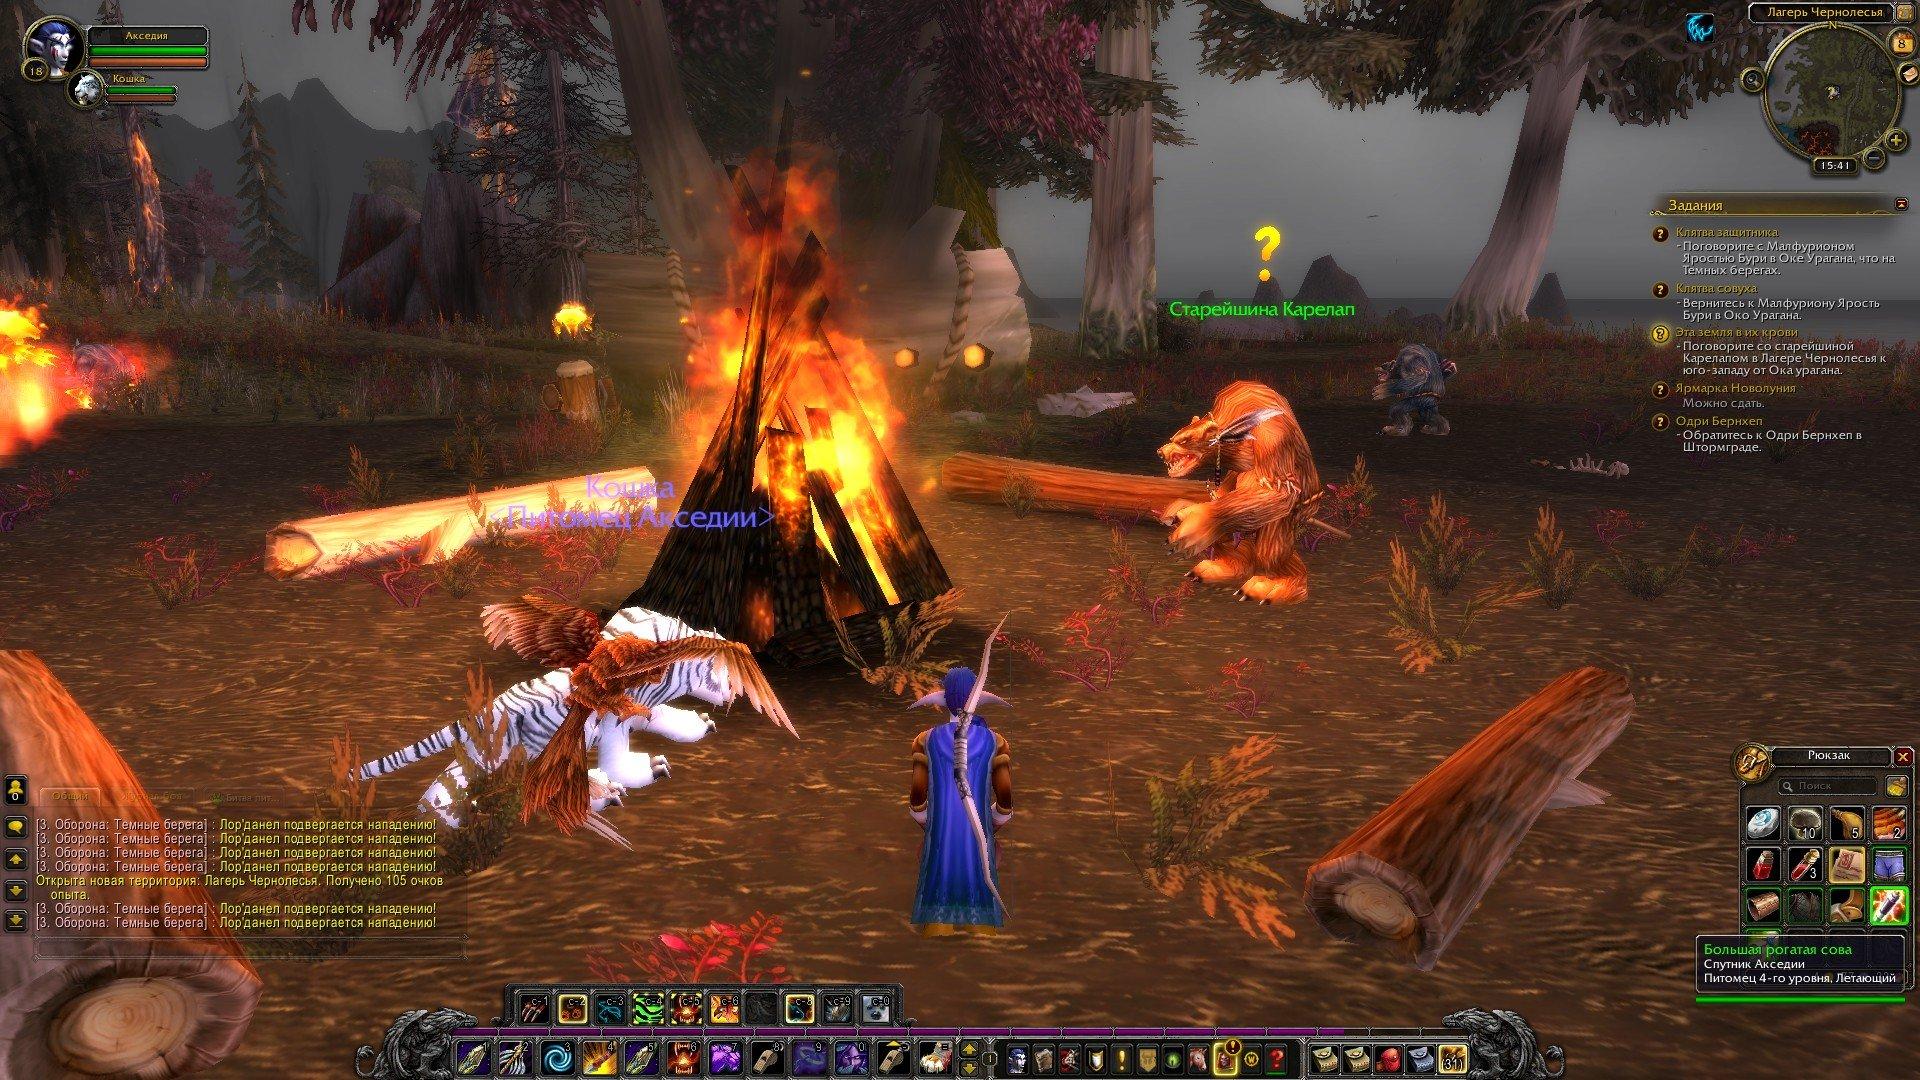 Путешествие по World of Warcraft ... Ночной Эльф. Глава 2. - Изображение 14